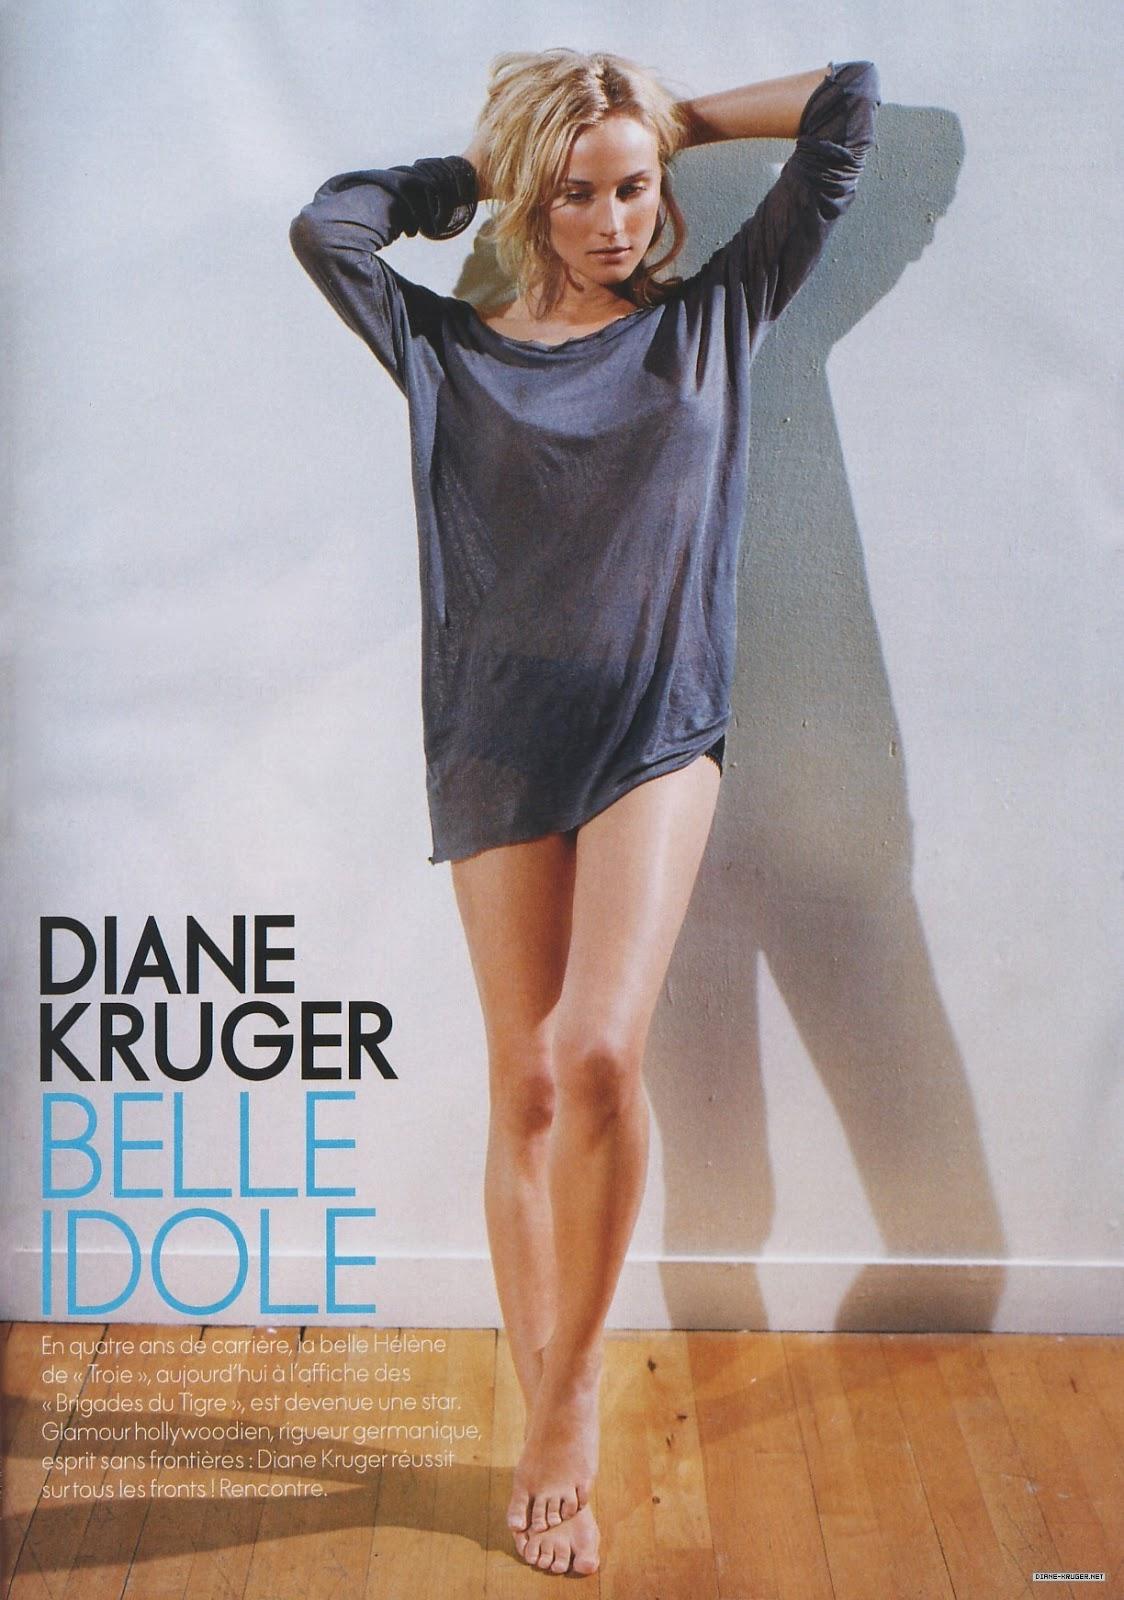 http://2.bp.blogspot.com/-e9OQDEZpxIk/UJWrTruP--I/AAAAAAAAAdE/01Nn_ChIU7c/s1600/Diane-Kruger-2.jpg